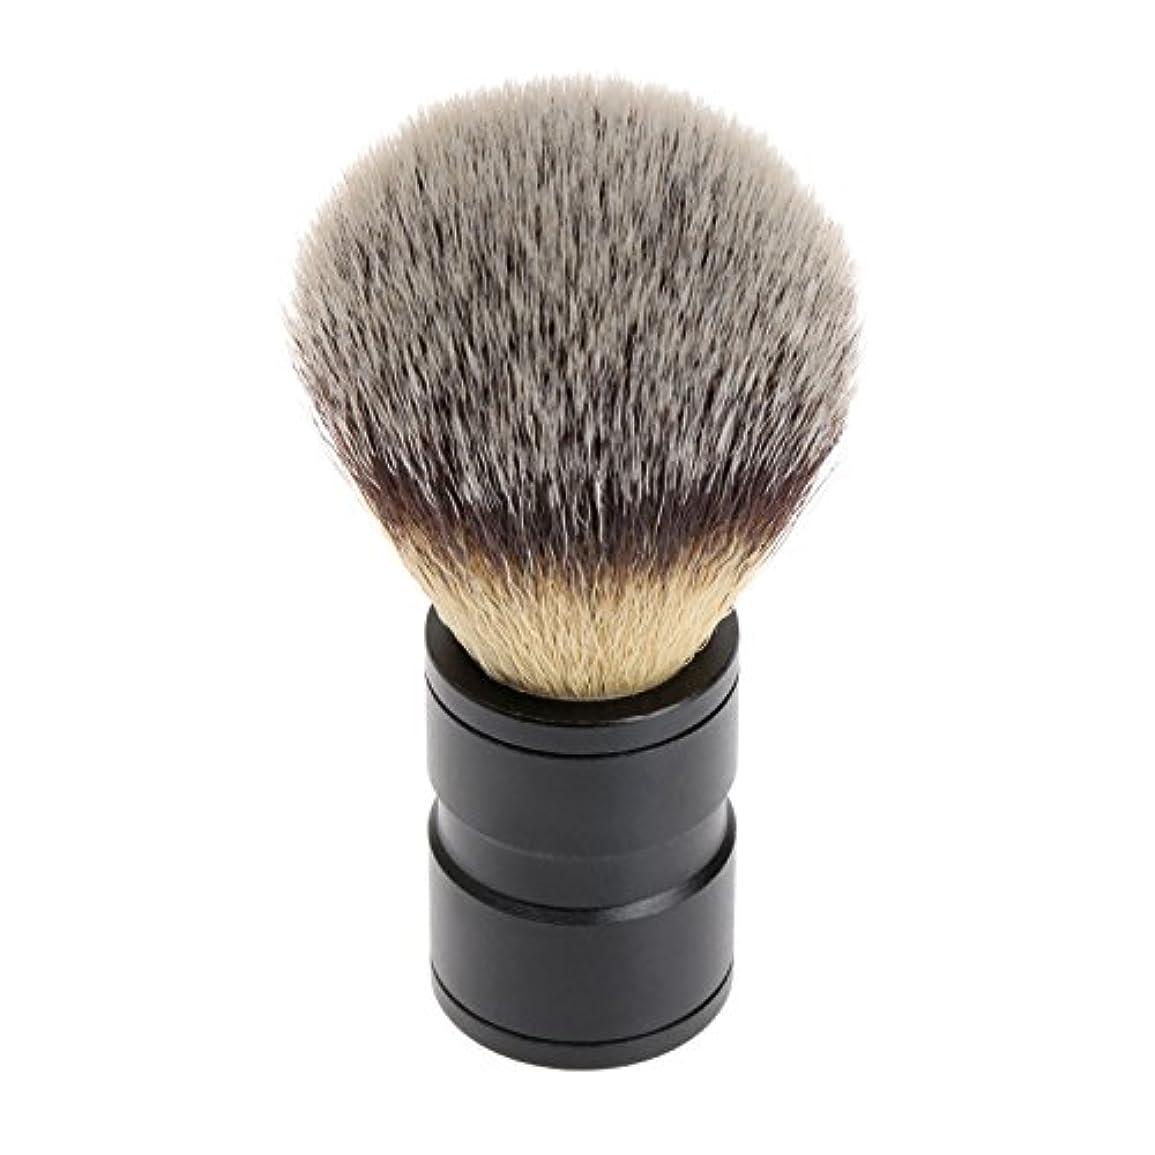 豆腐スペル機関シェービング ブラシ 理容 洗顔 髭剃り マッサージ 効果 ナイロン毛 メンズ